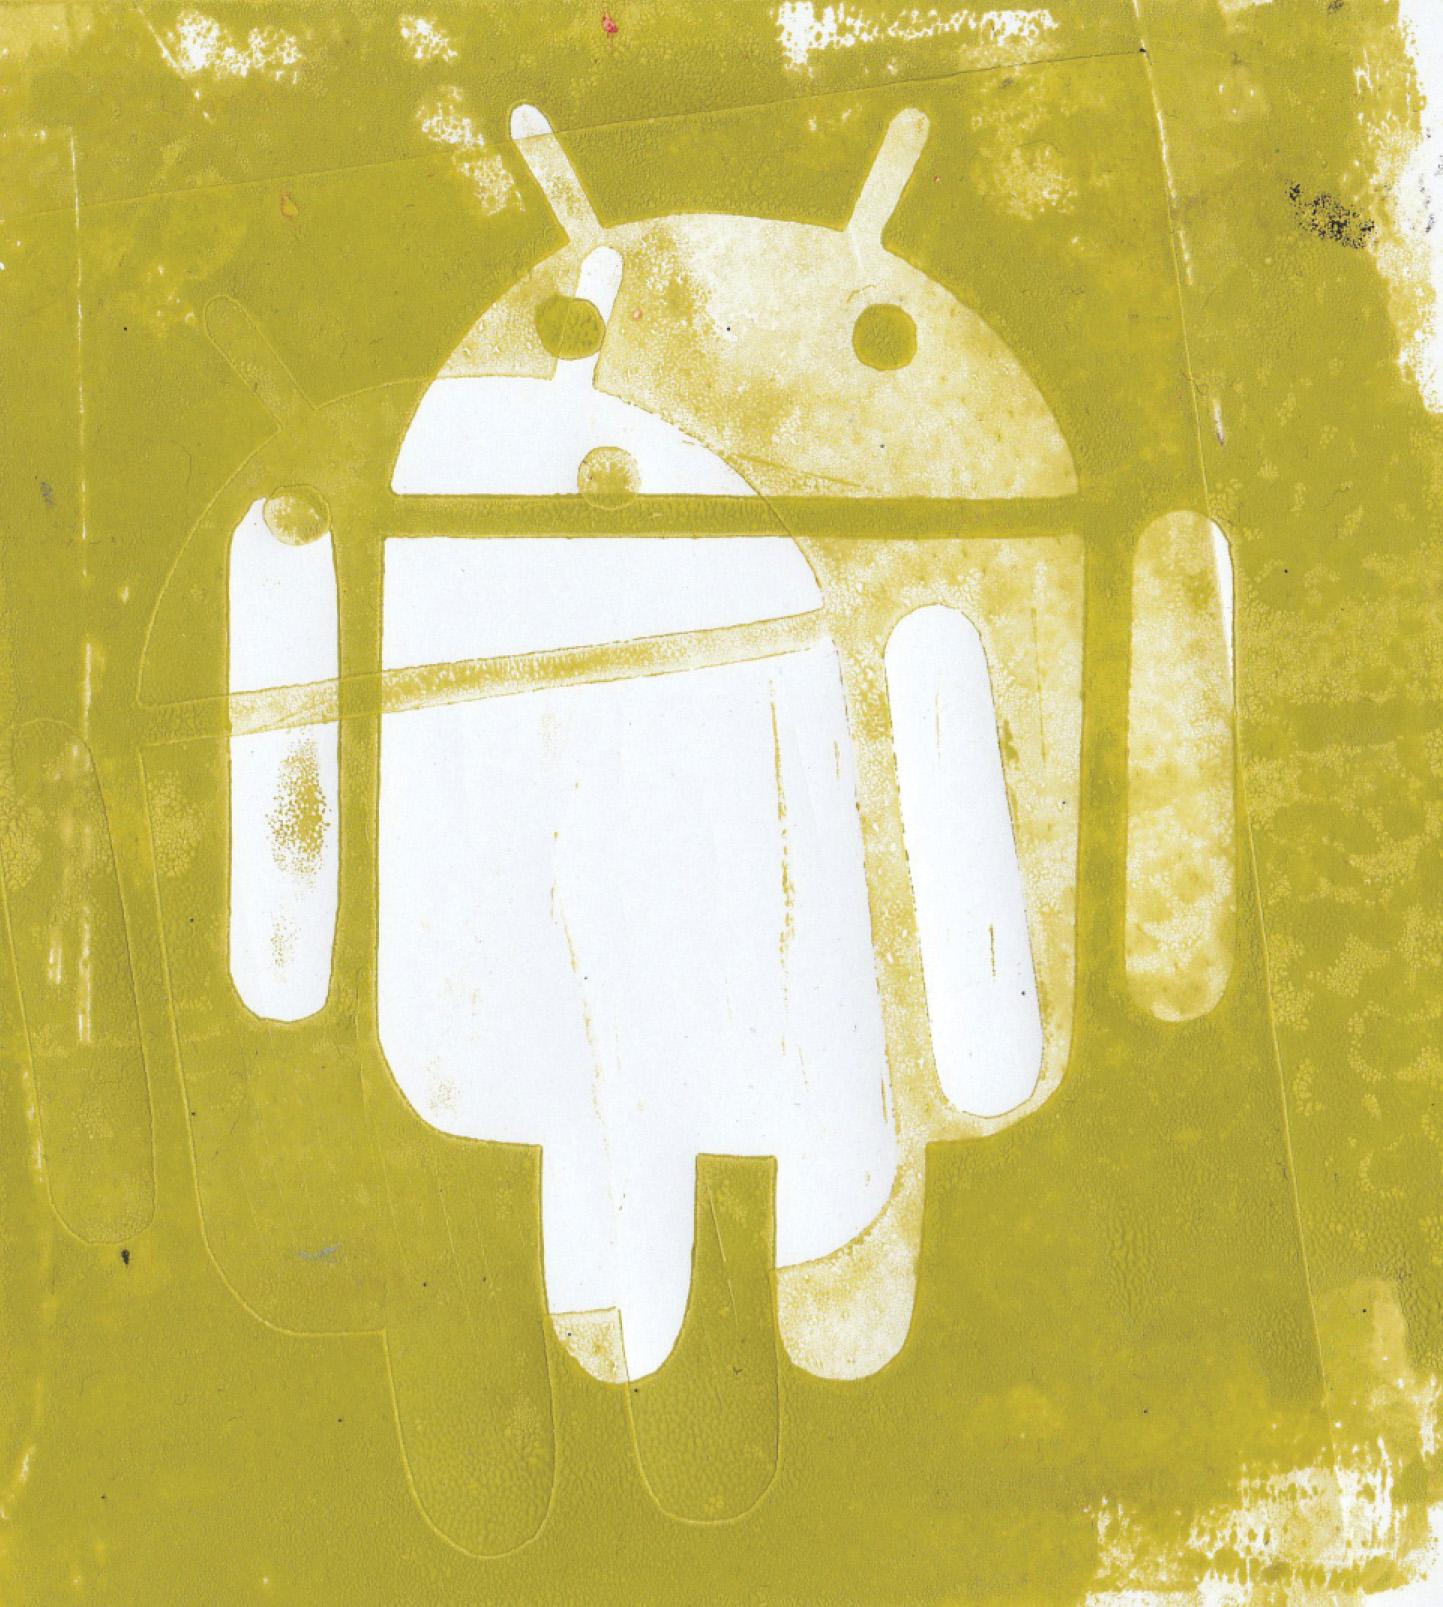 Zīmējumā ir attēlots android logo. Logo ir balts, fons ir gaiši zaļš.